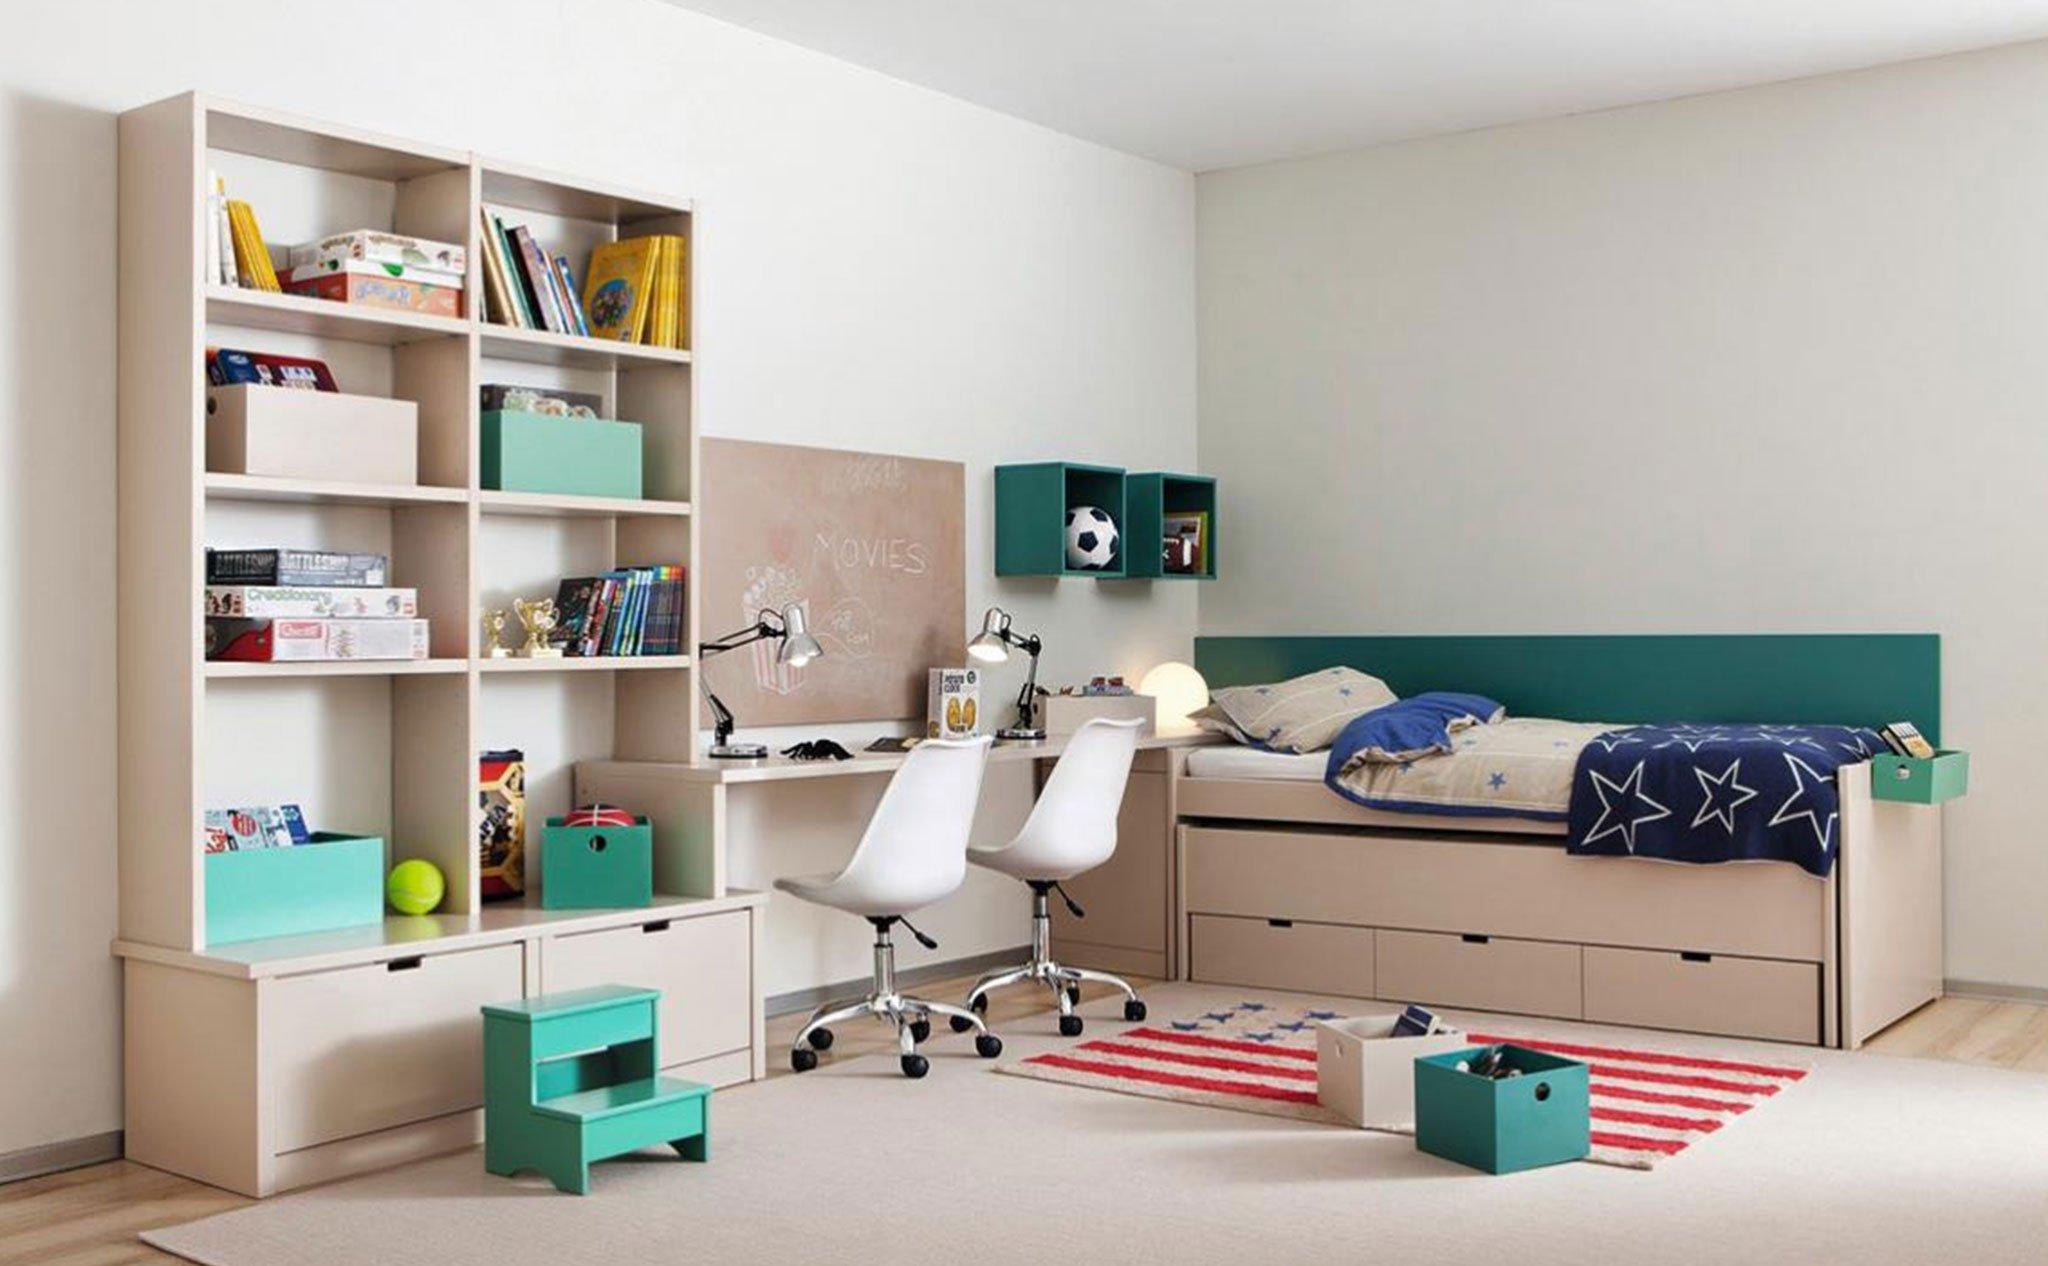 Dormitorio juvenil en Muebles Martínez